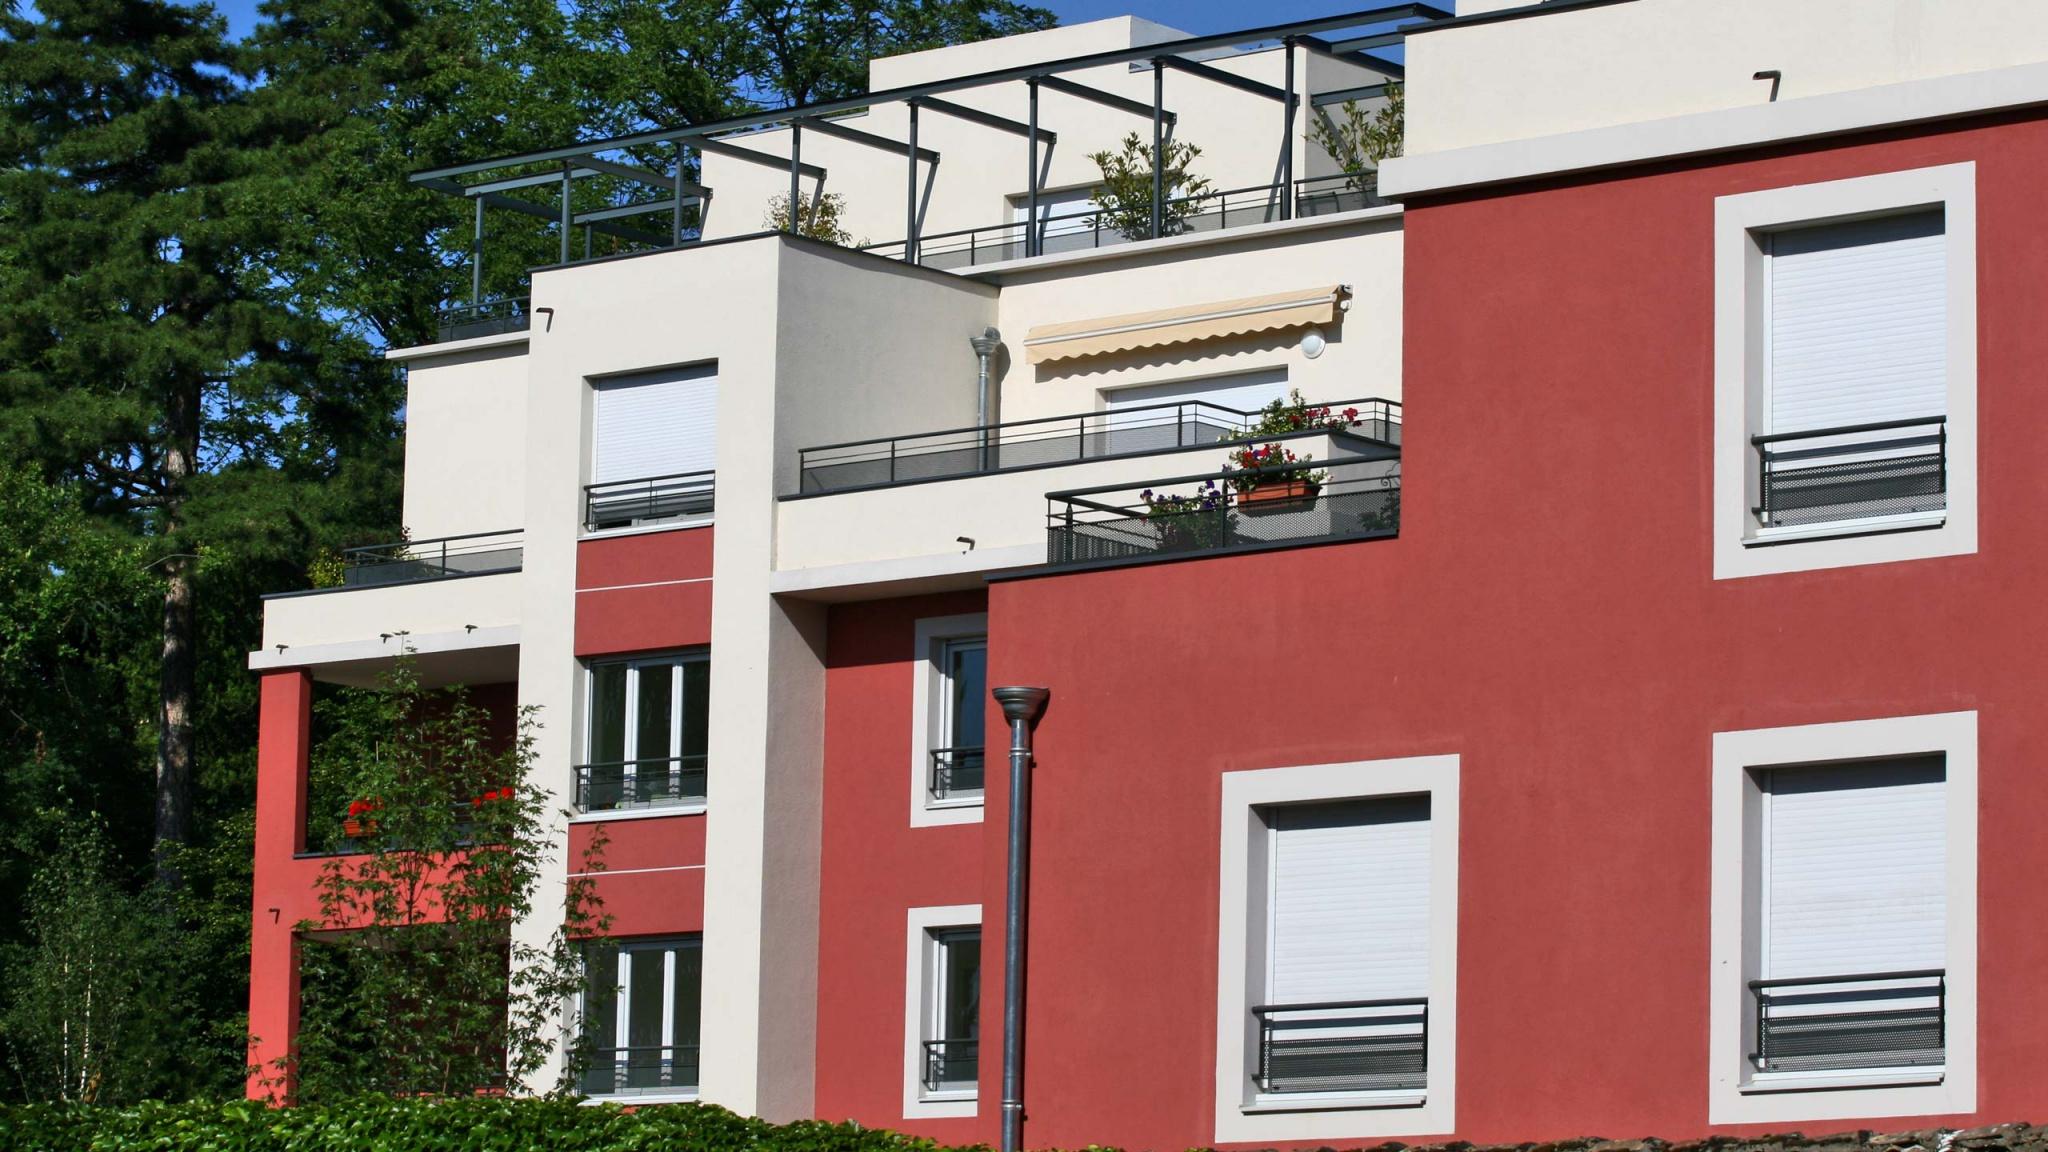 Un projet immobilier de résidence, à Sainte-Foy-lès-Lyon